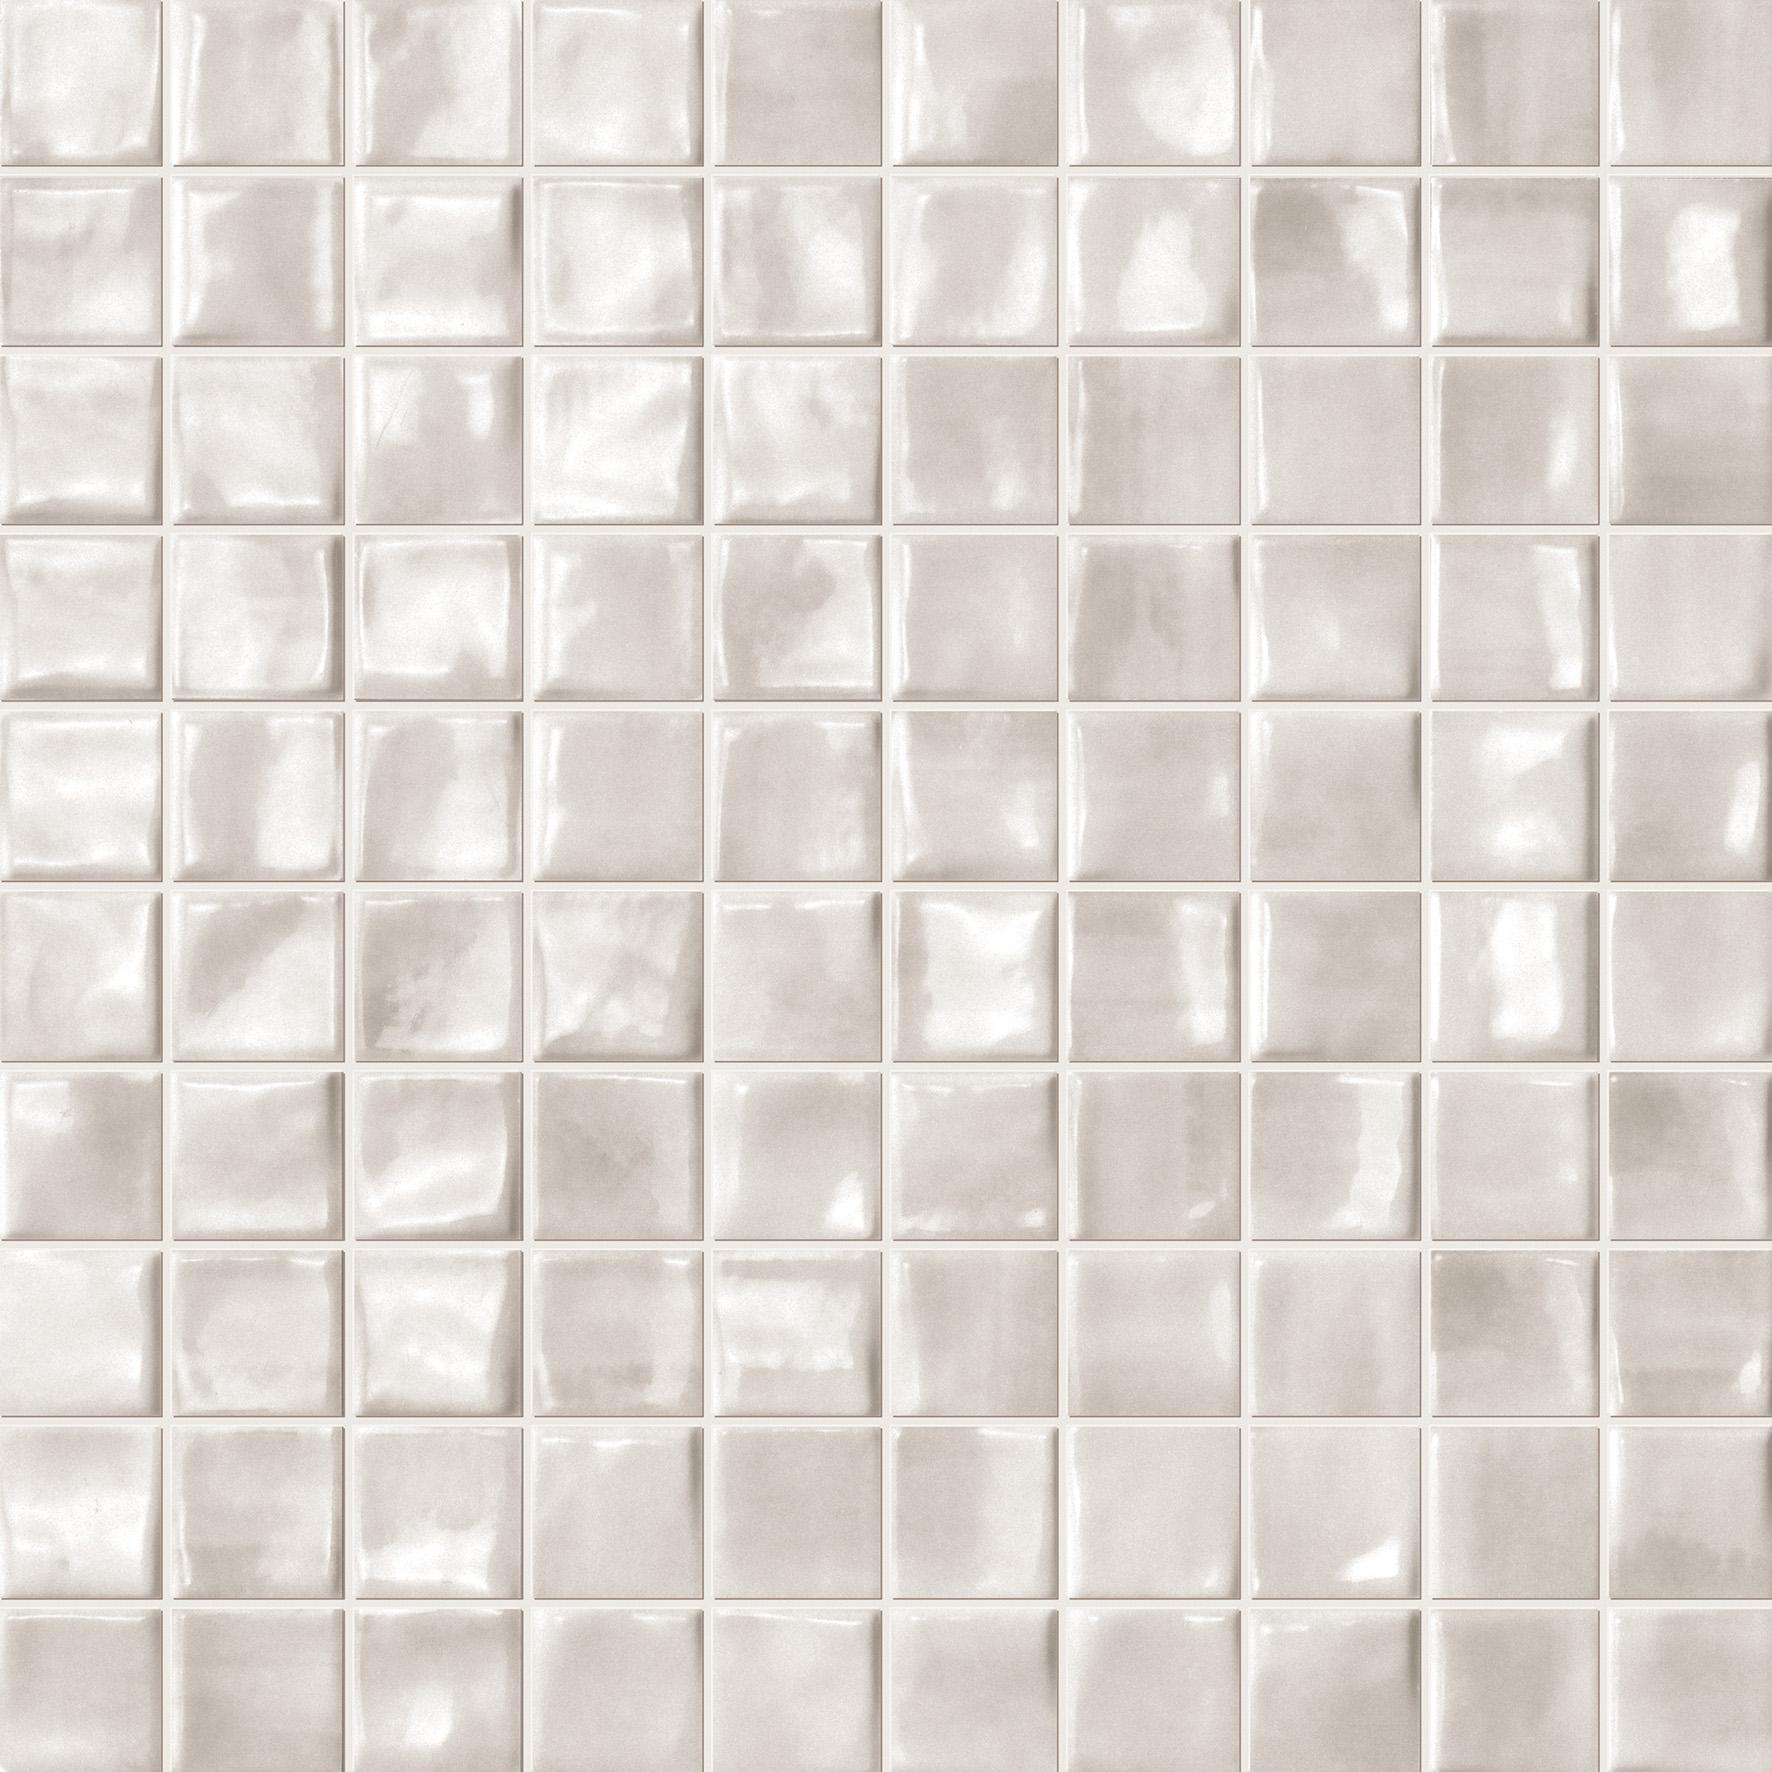 Мозаика FAP Ceramiche Frame +20238 Natura White Mosaico мозаика fap ceramiche frame 20244 talc mosaico